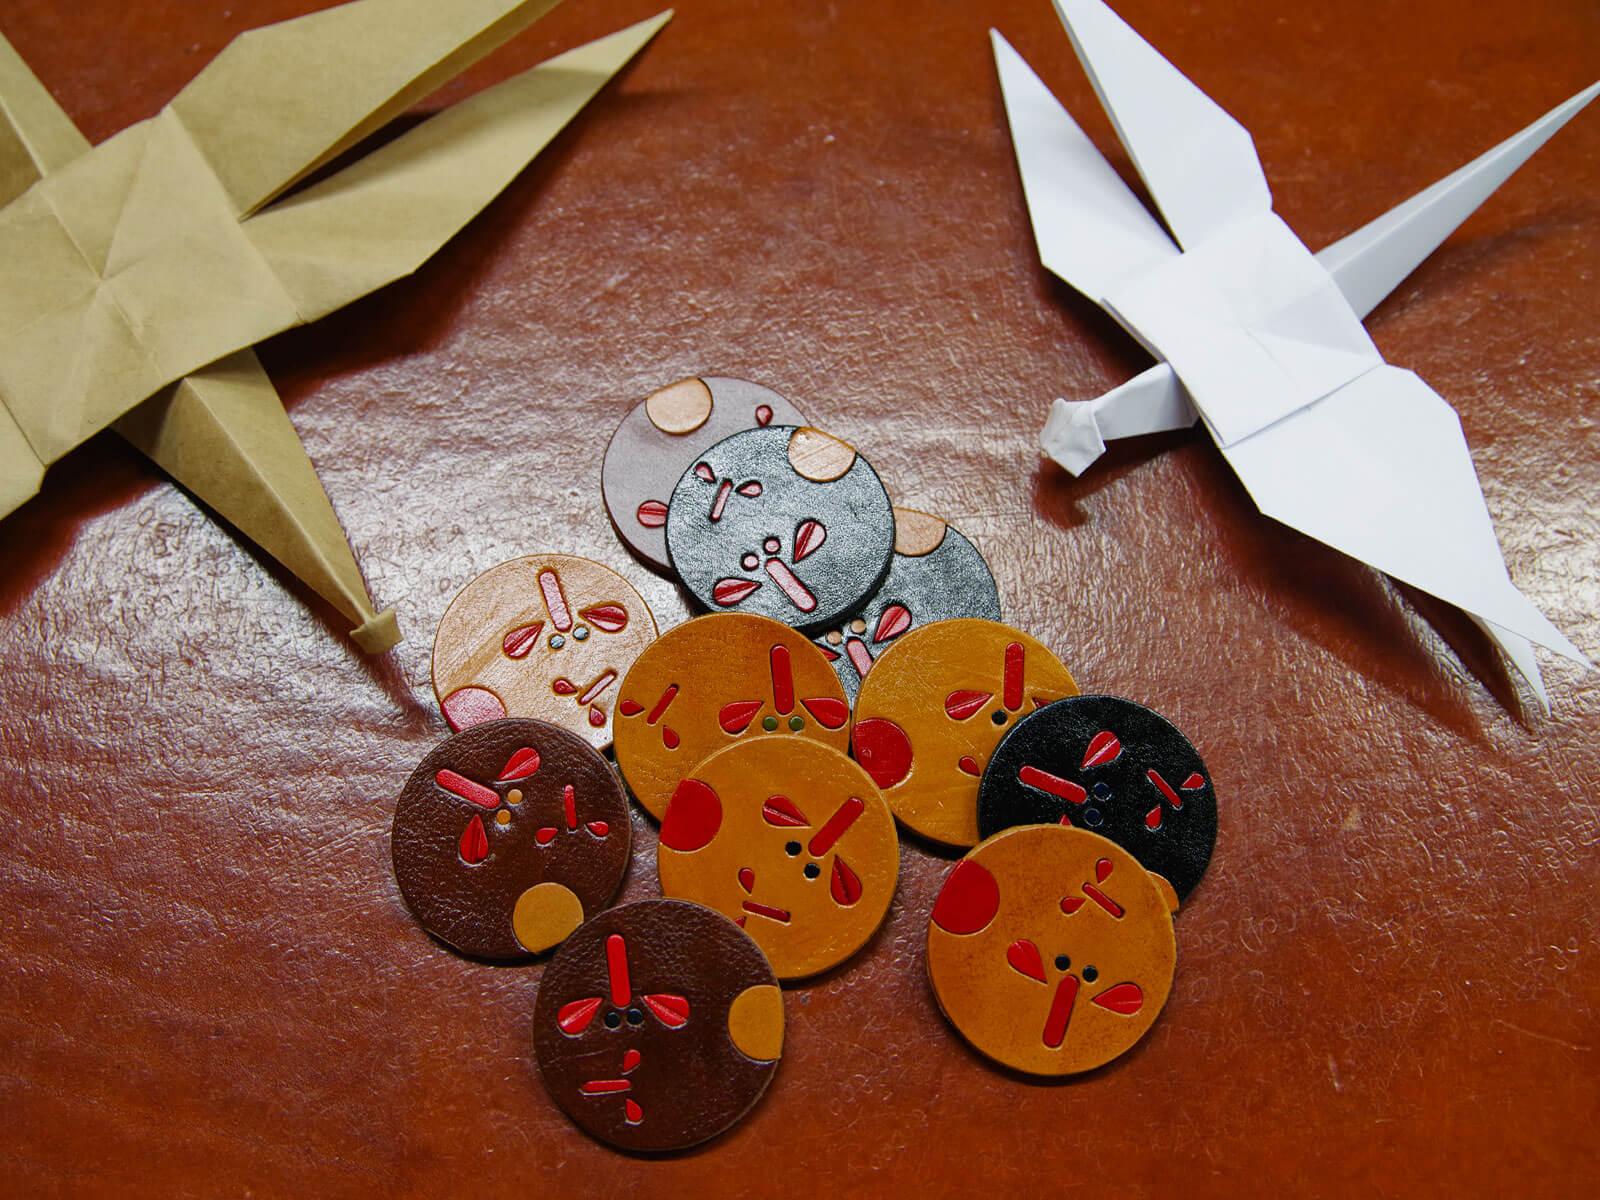 名古屋店5周年記念 お誕生月企画 ~9月・アキアカネキーホルダー~